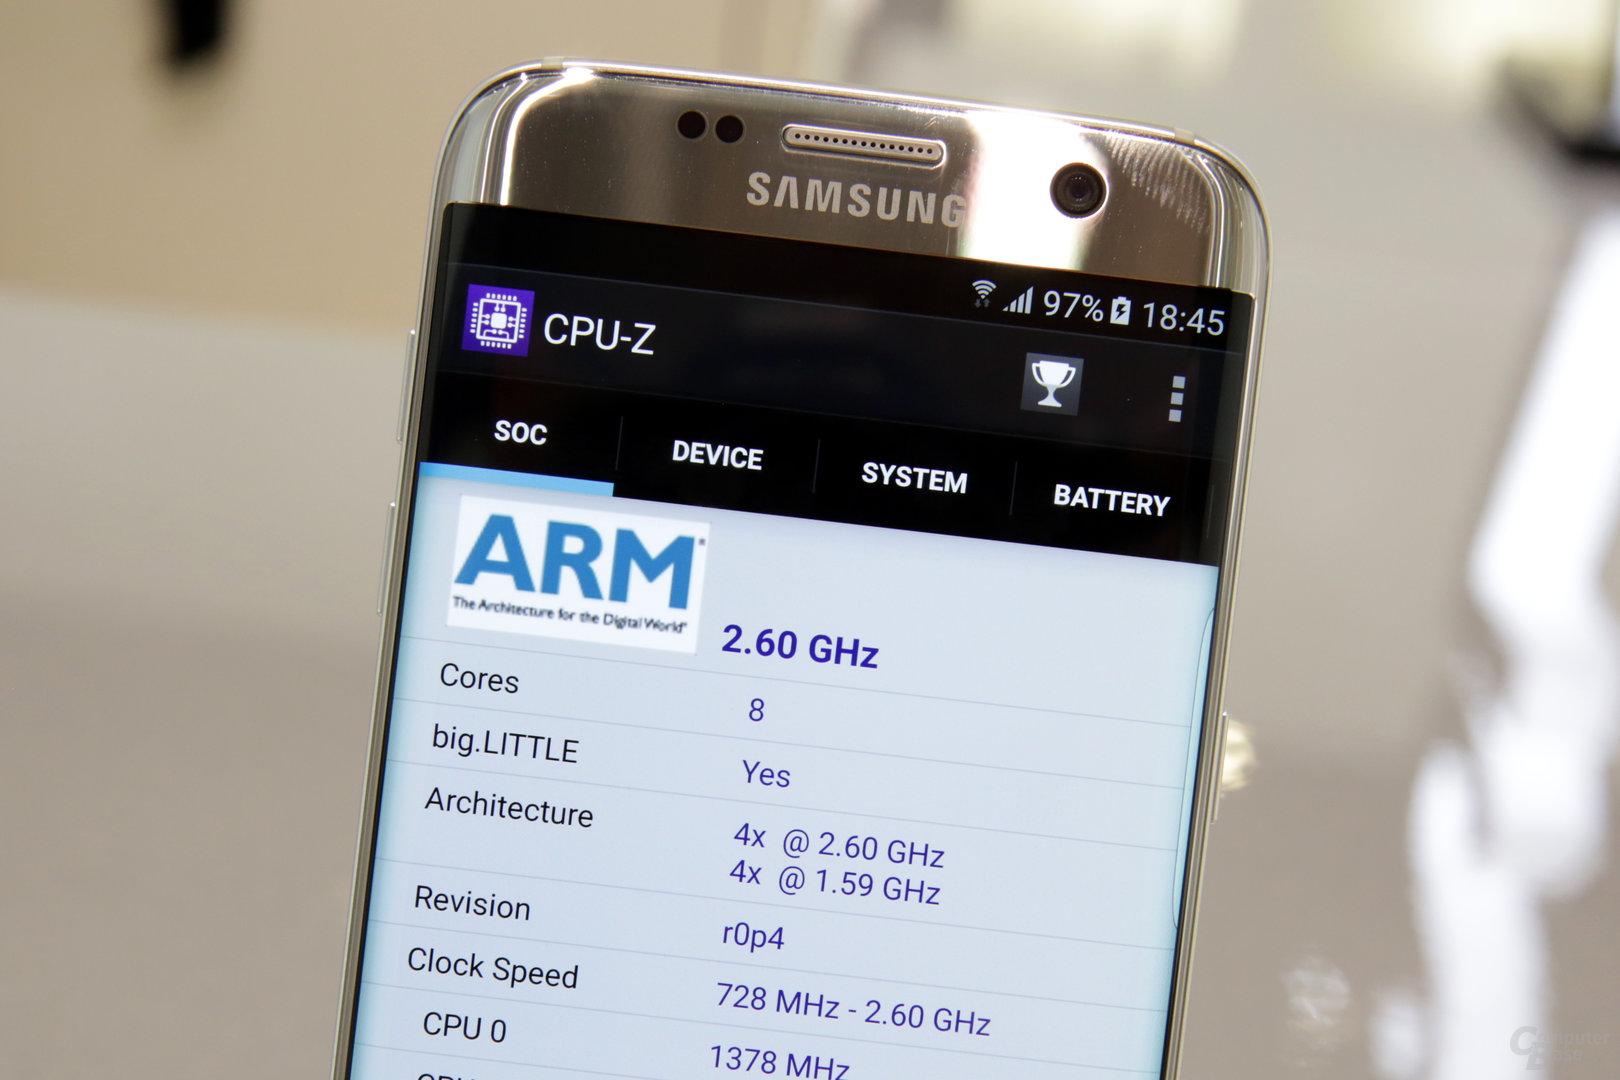 Exynos 8890 im Galaxy S7 (edge)